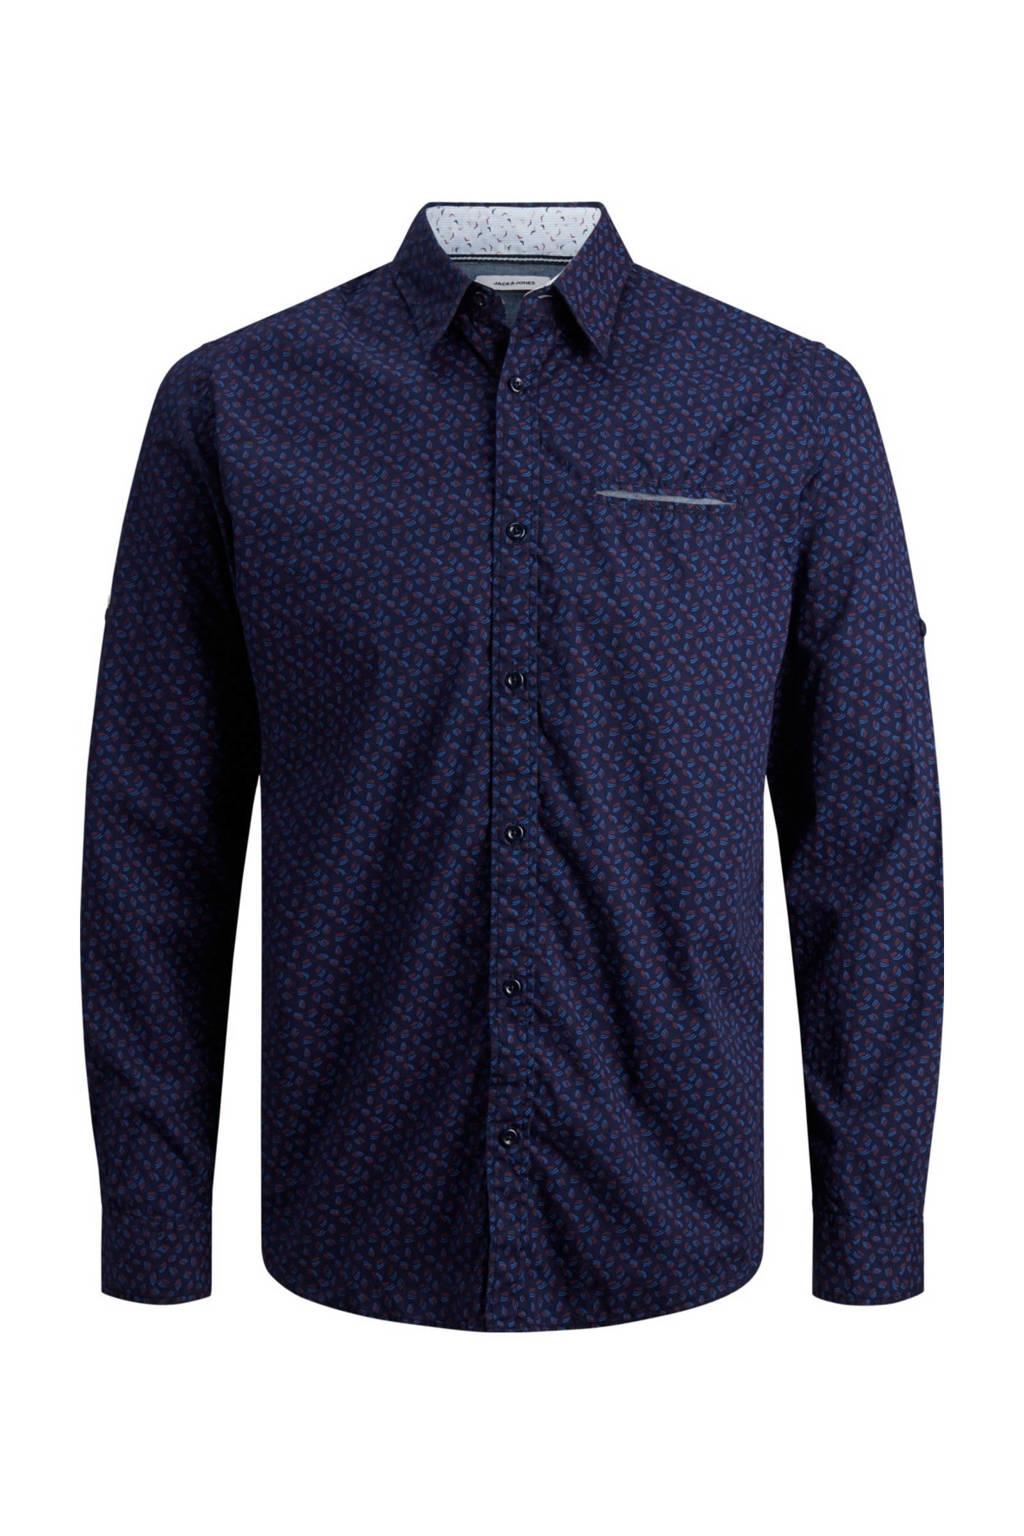 JACK & JONES regular fit overhemd Matthew met all over print marine, Donkerblauw